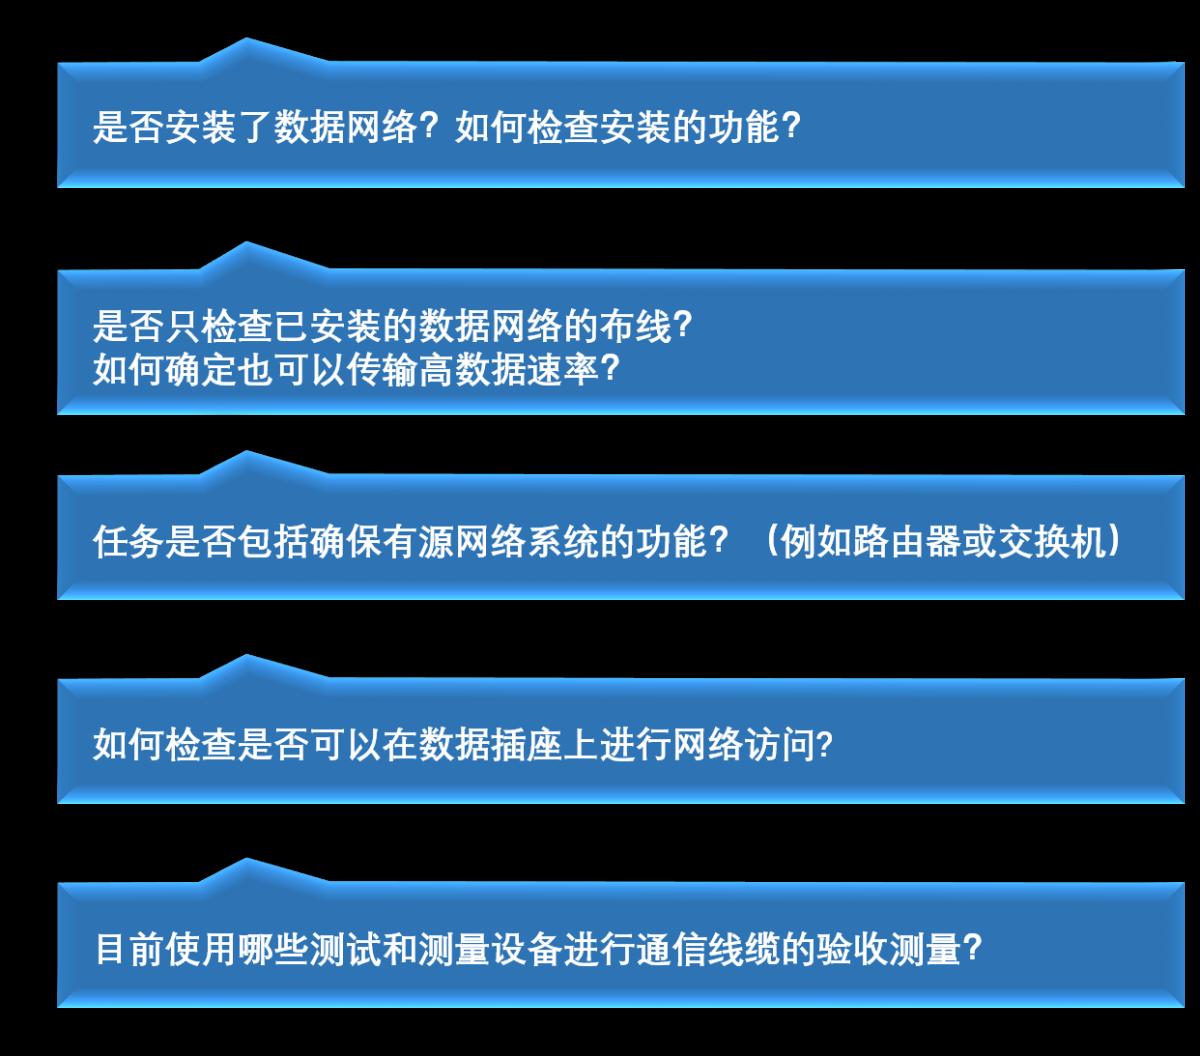 图片5_看图王.png